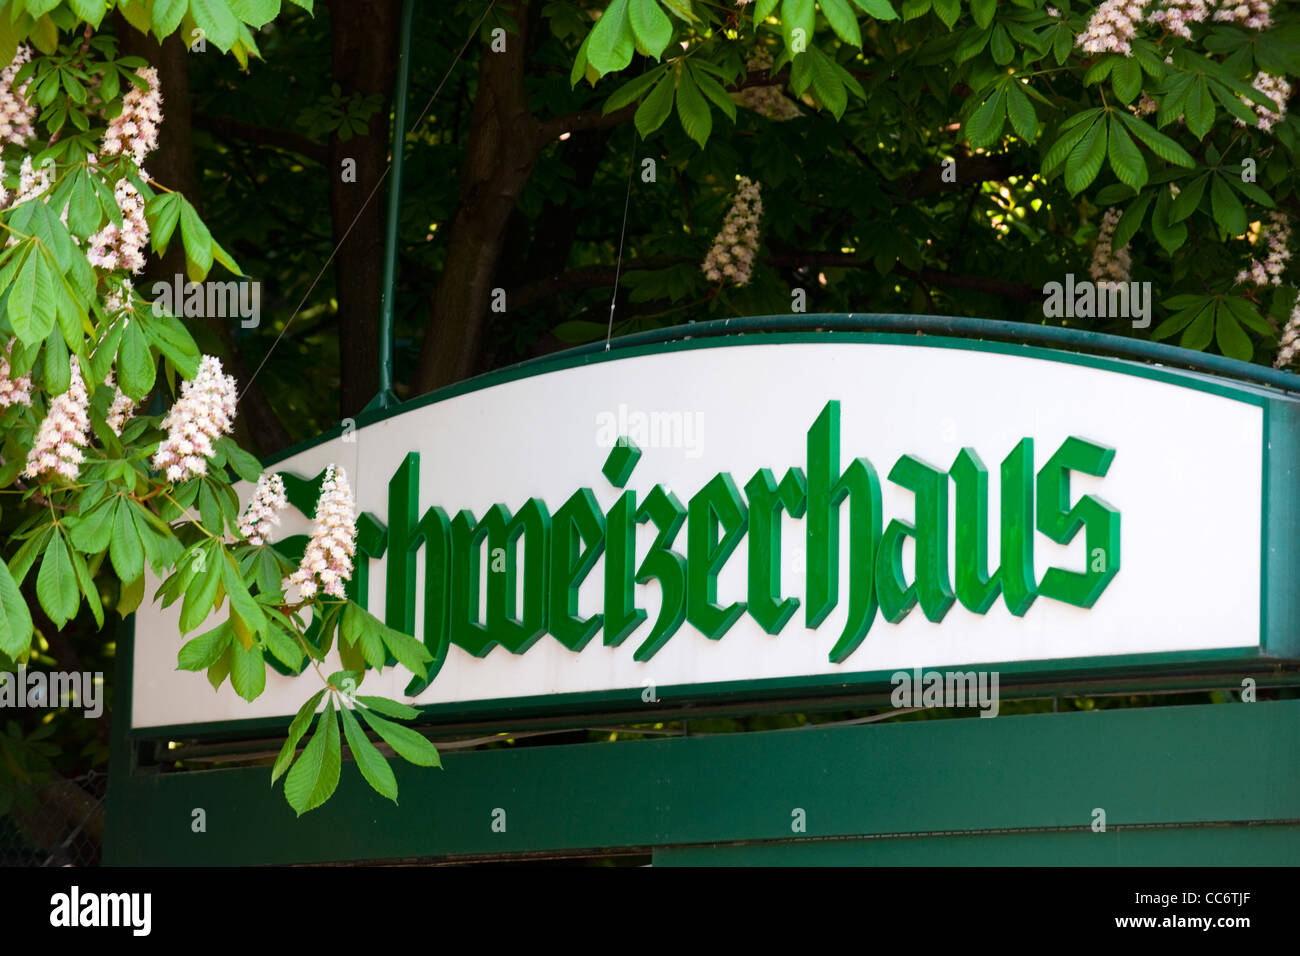 Österreich, Wien II, Prater, Vergnügungspark Wurstelprater, Schweizerhaus - Stock Image